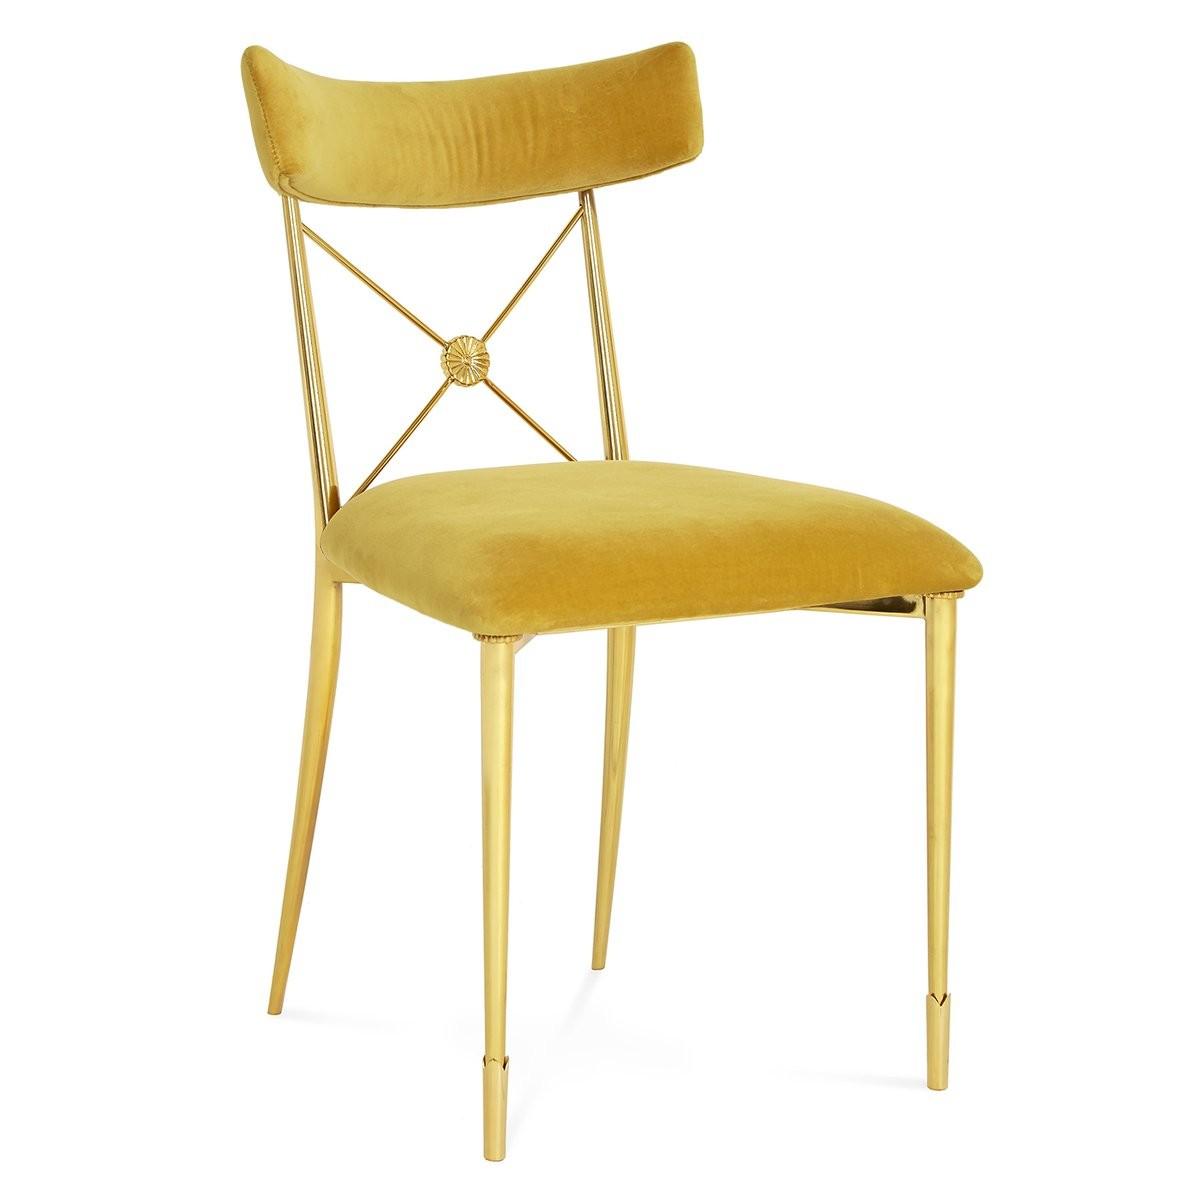 Jonathan Adler I Rider Dining Chair I Rialto Gold